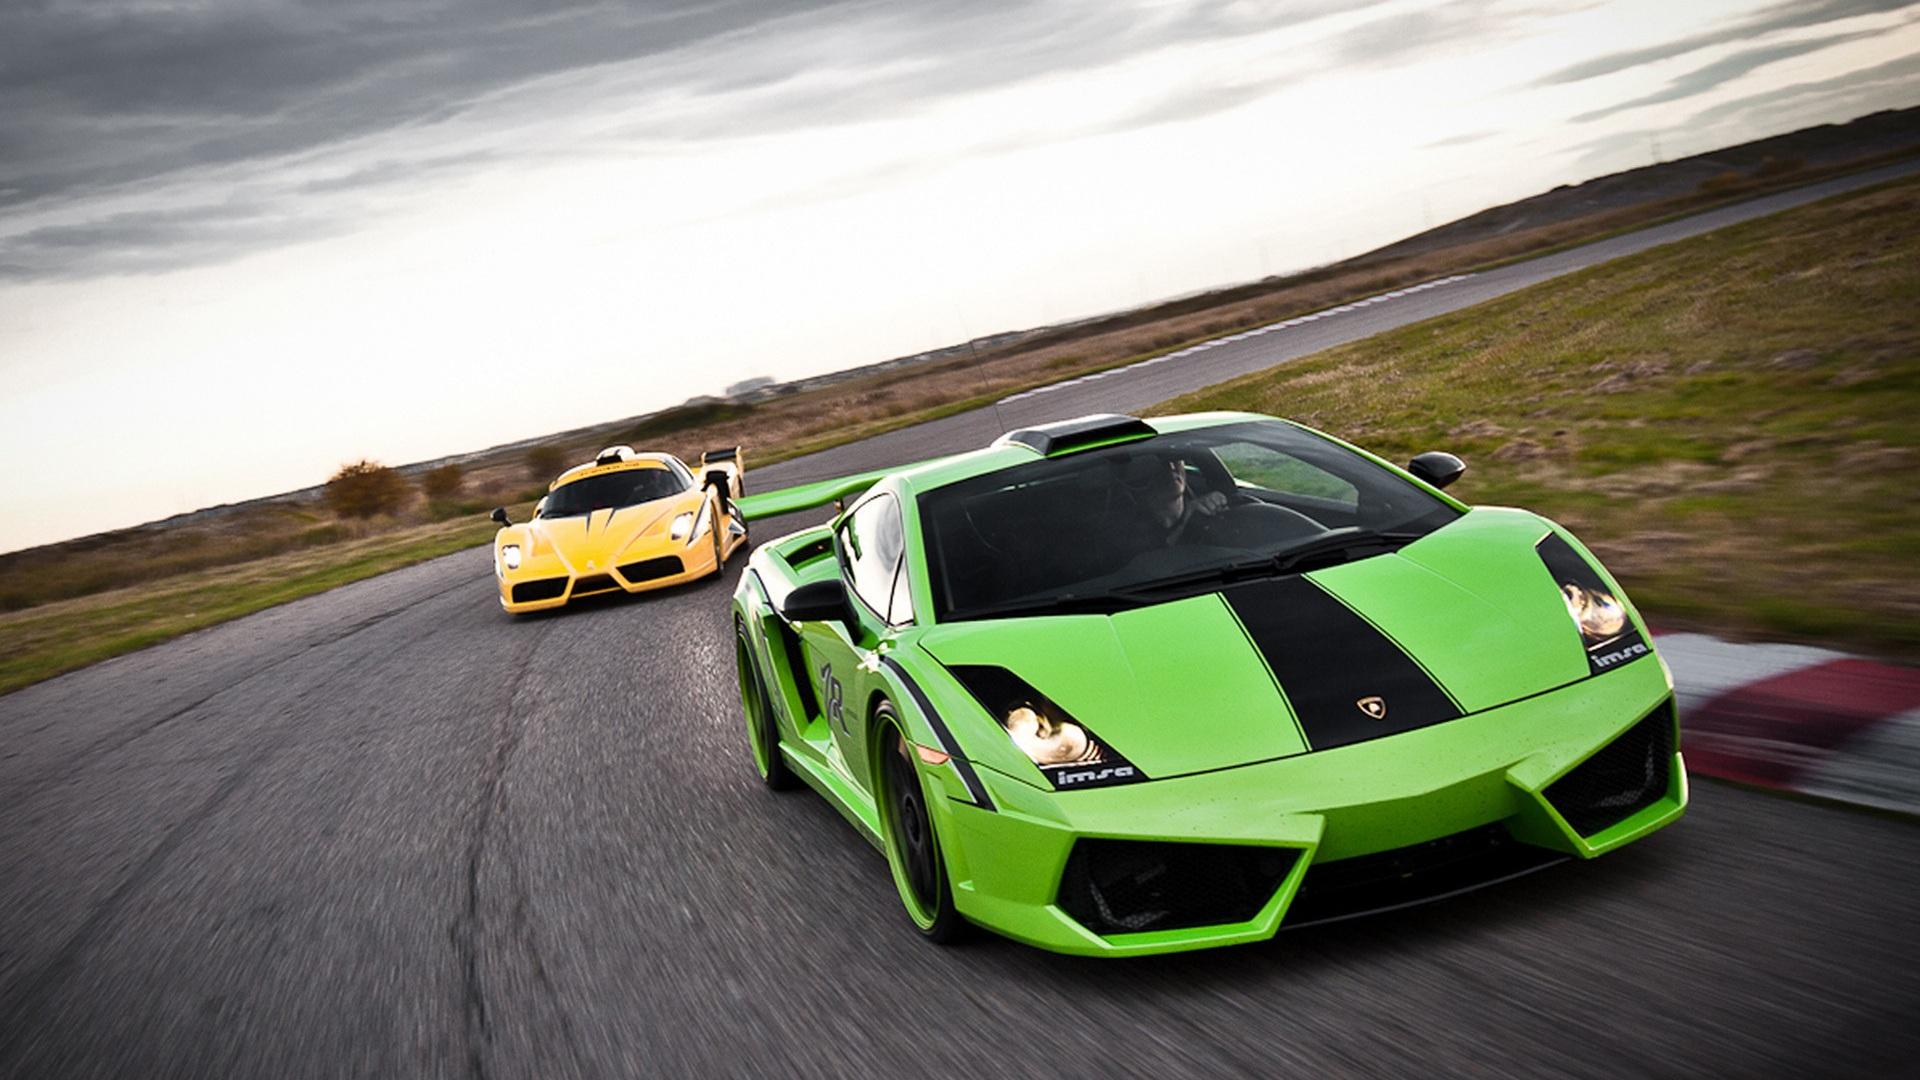 спортивный зеленый автомобиль Lamborghini  № 2996363 бесплатно